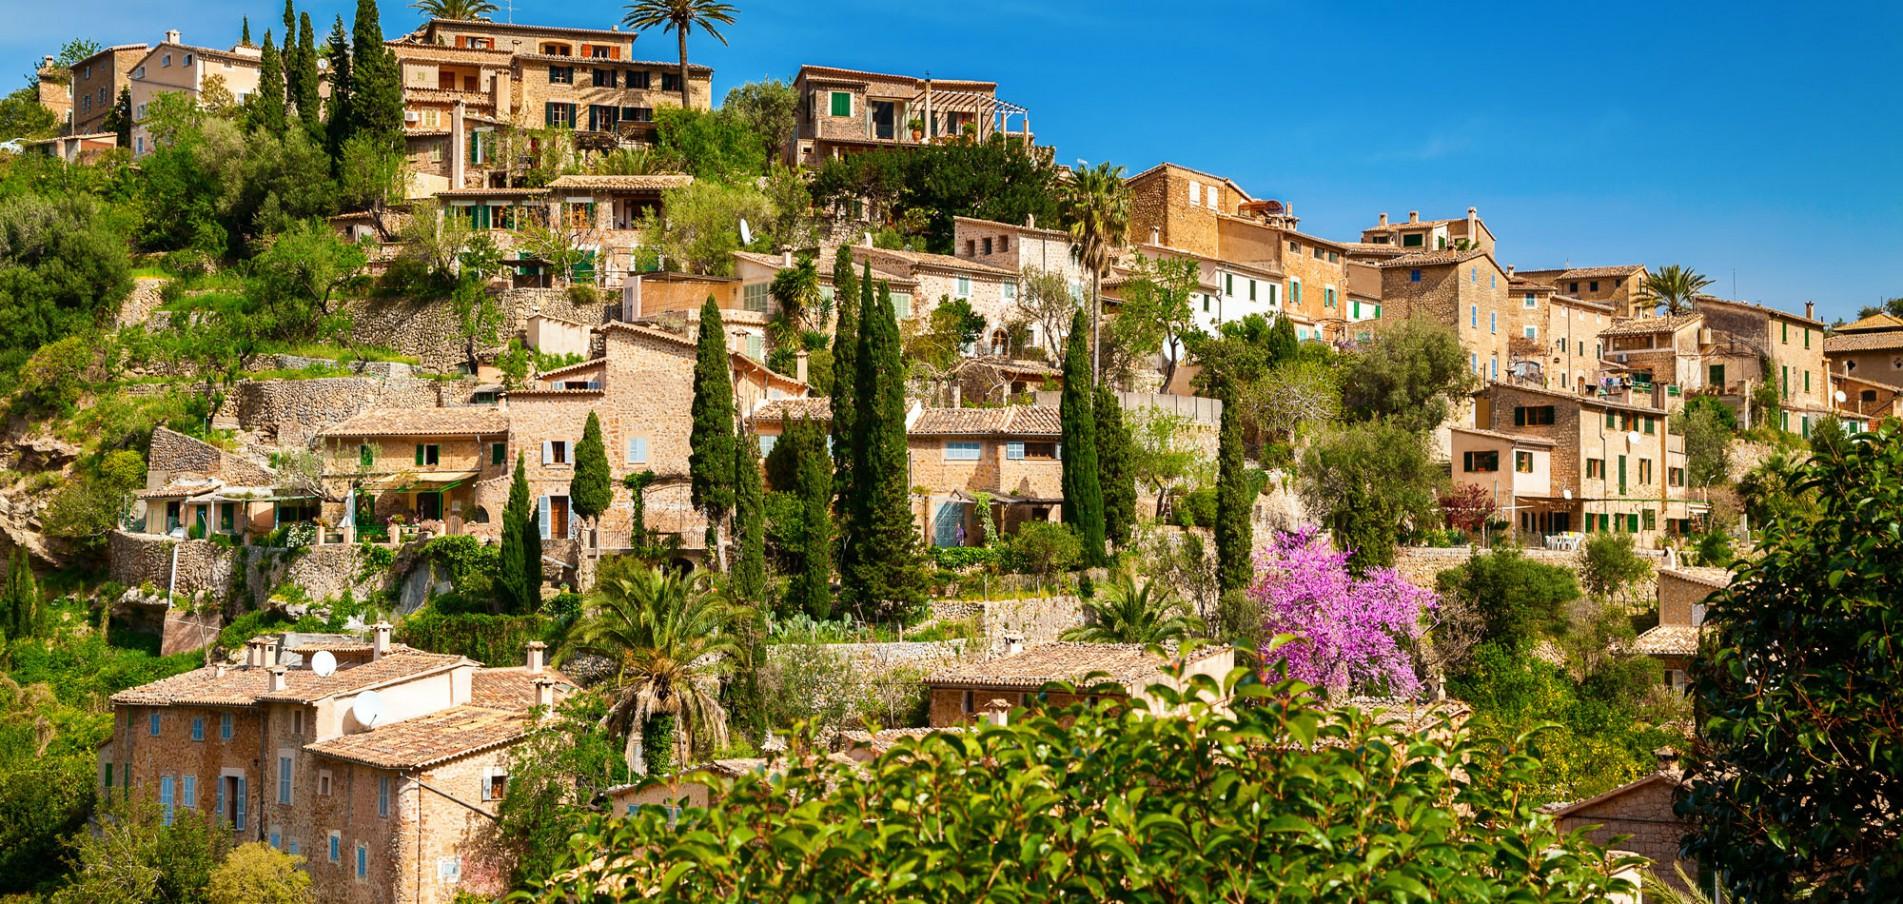 Willkommen auf Mallorca ... Insel des Lichts, Insel der Ruhe, Insel der Träume!